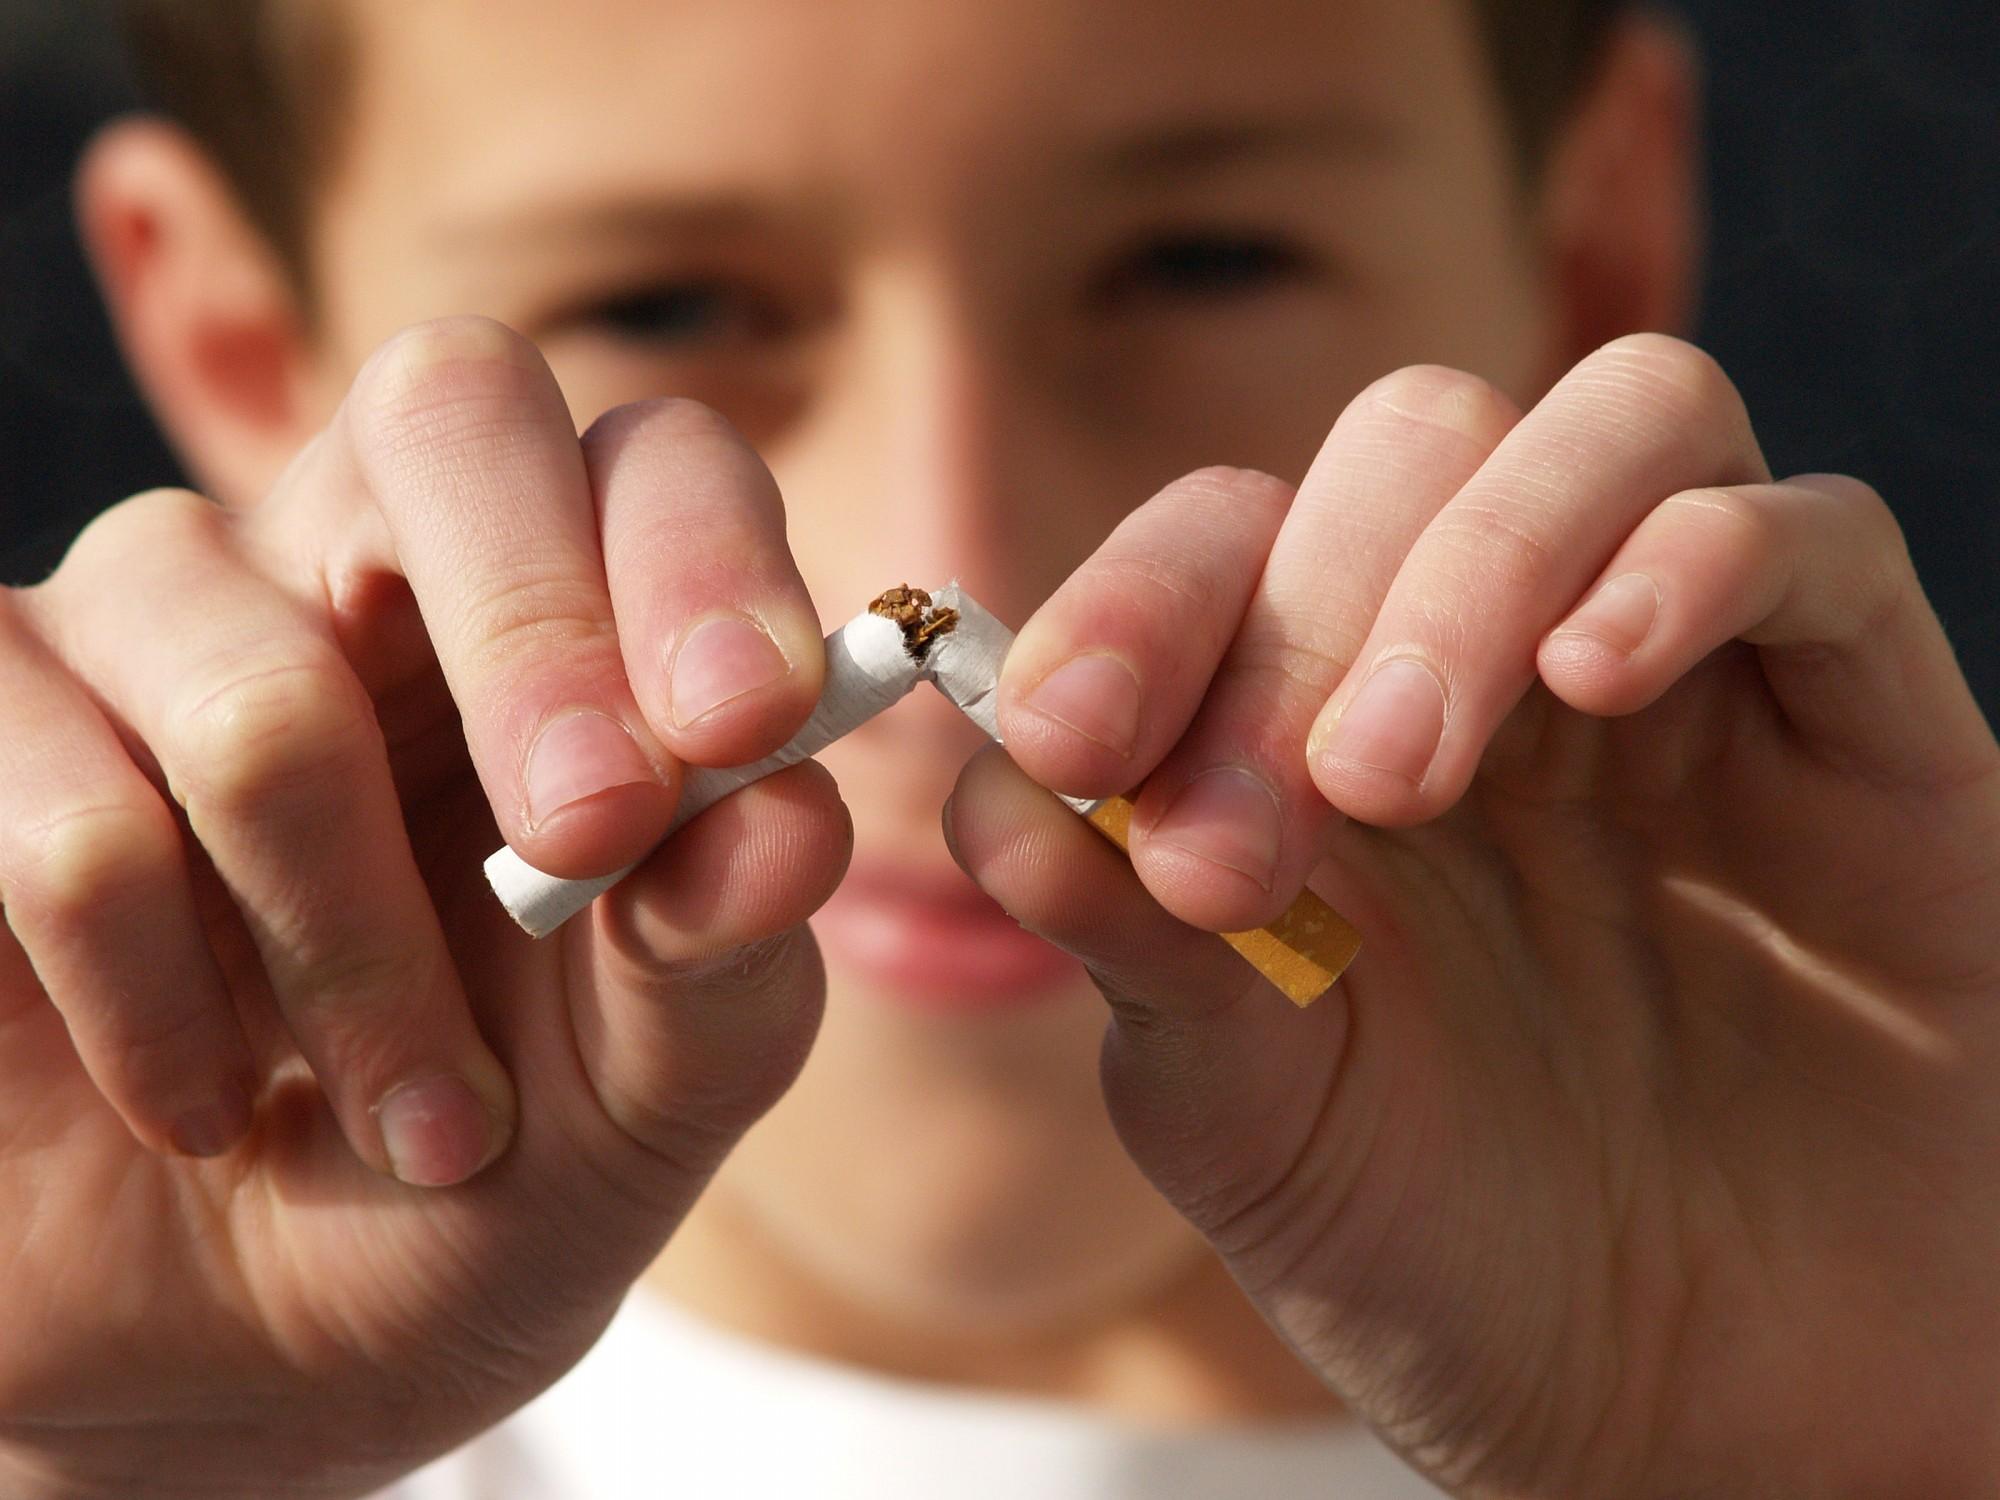 Izglītos vecākus par smēķēšanas novēršanu jauniešu vidū